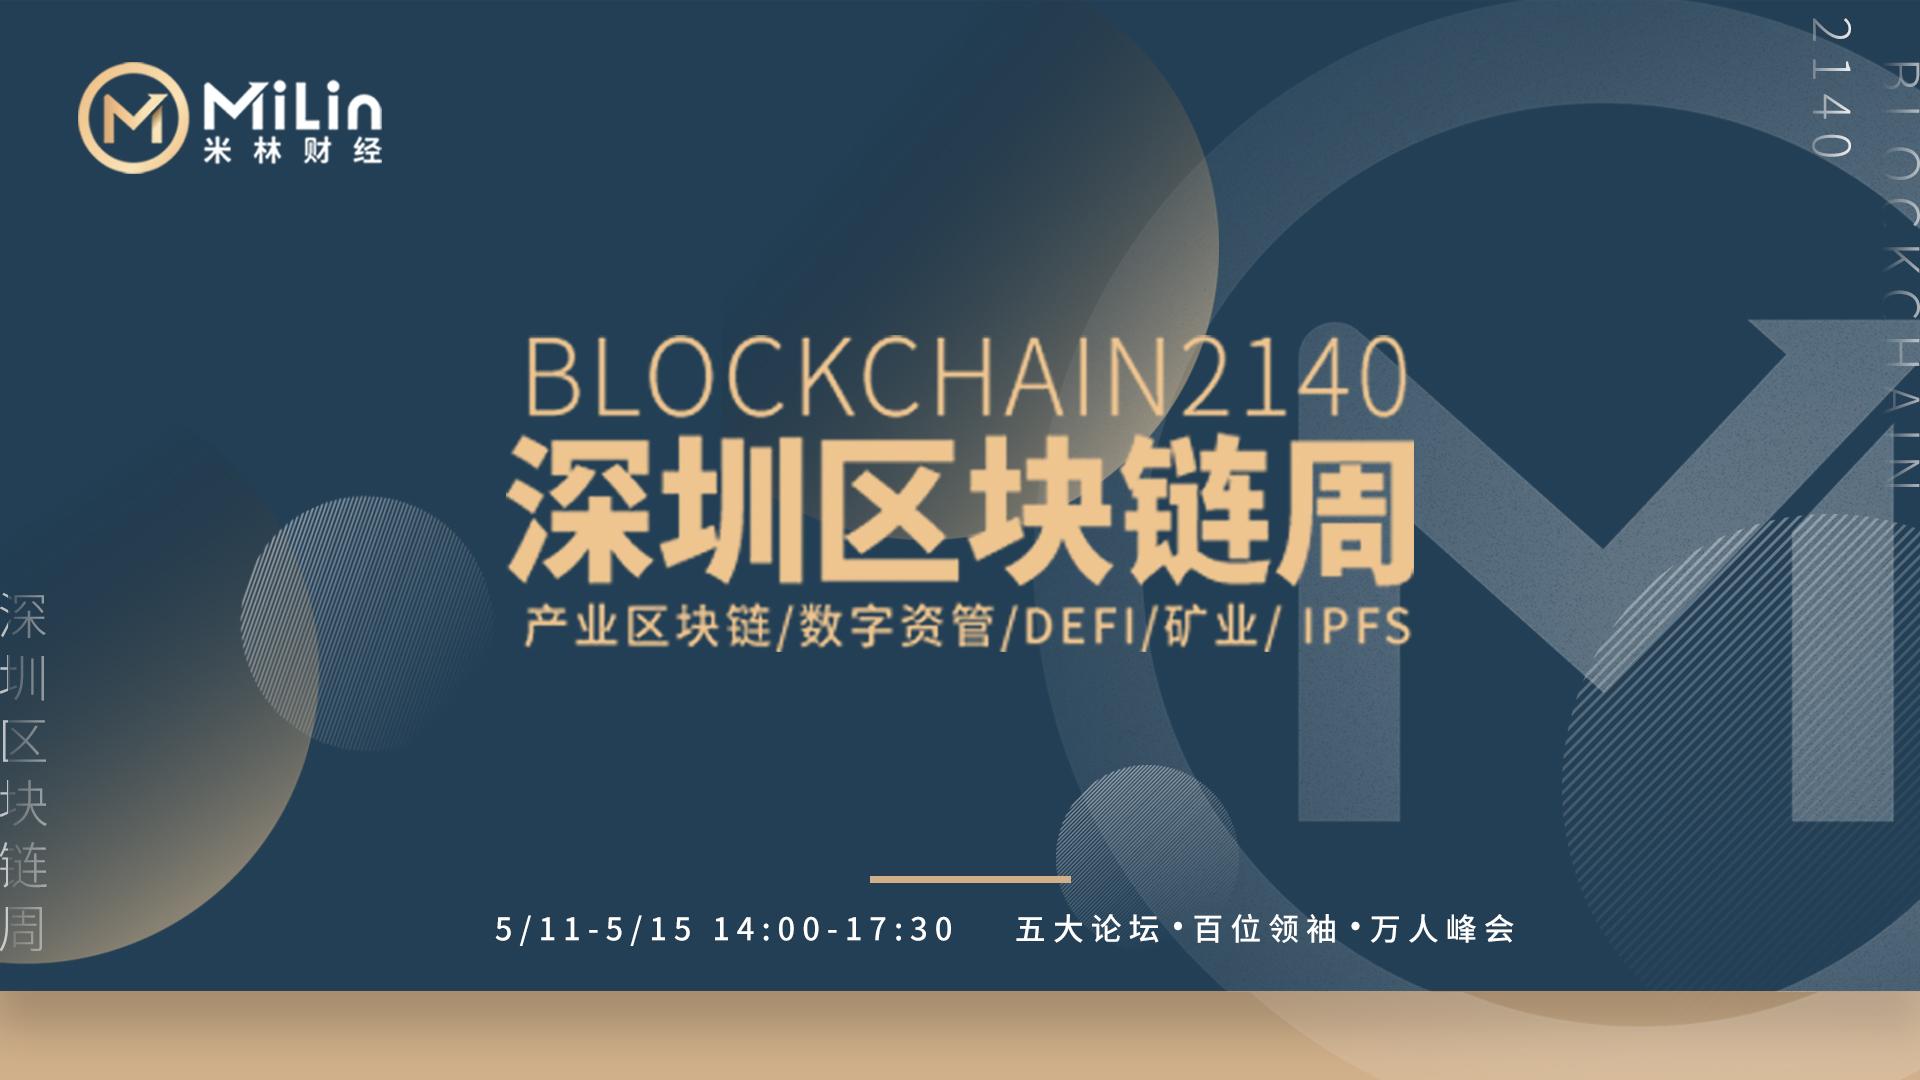 Blockchain 2140 - Shenzen Blockchain Week